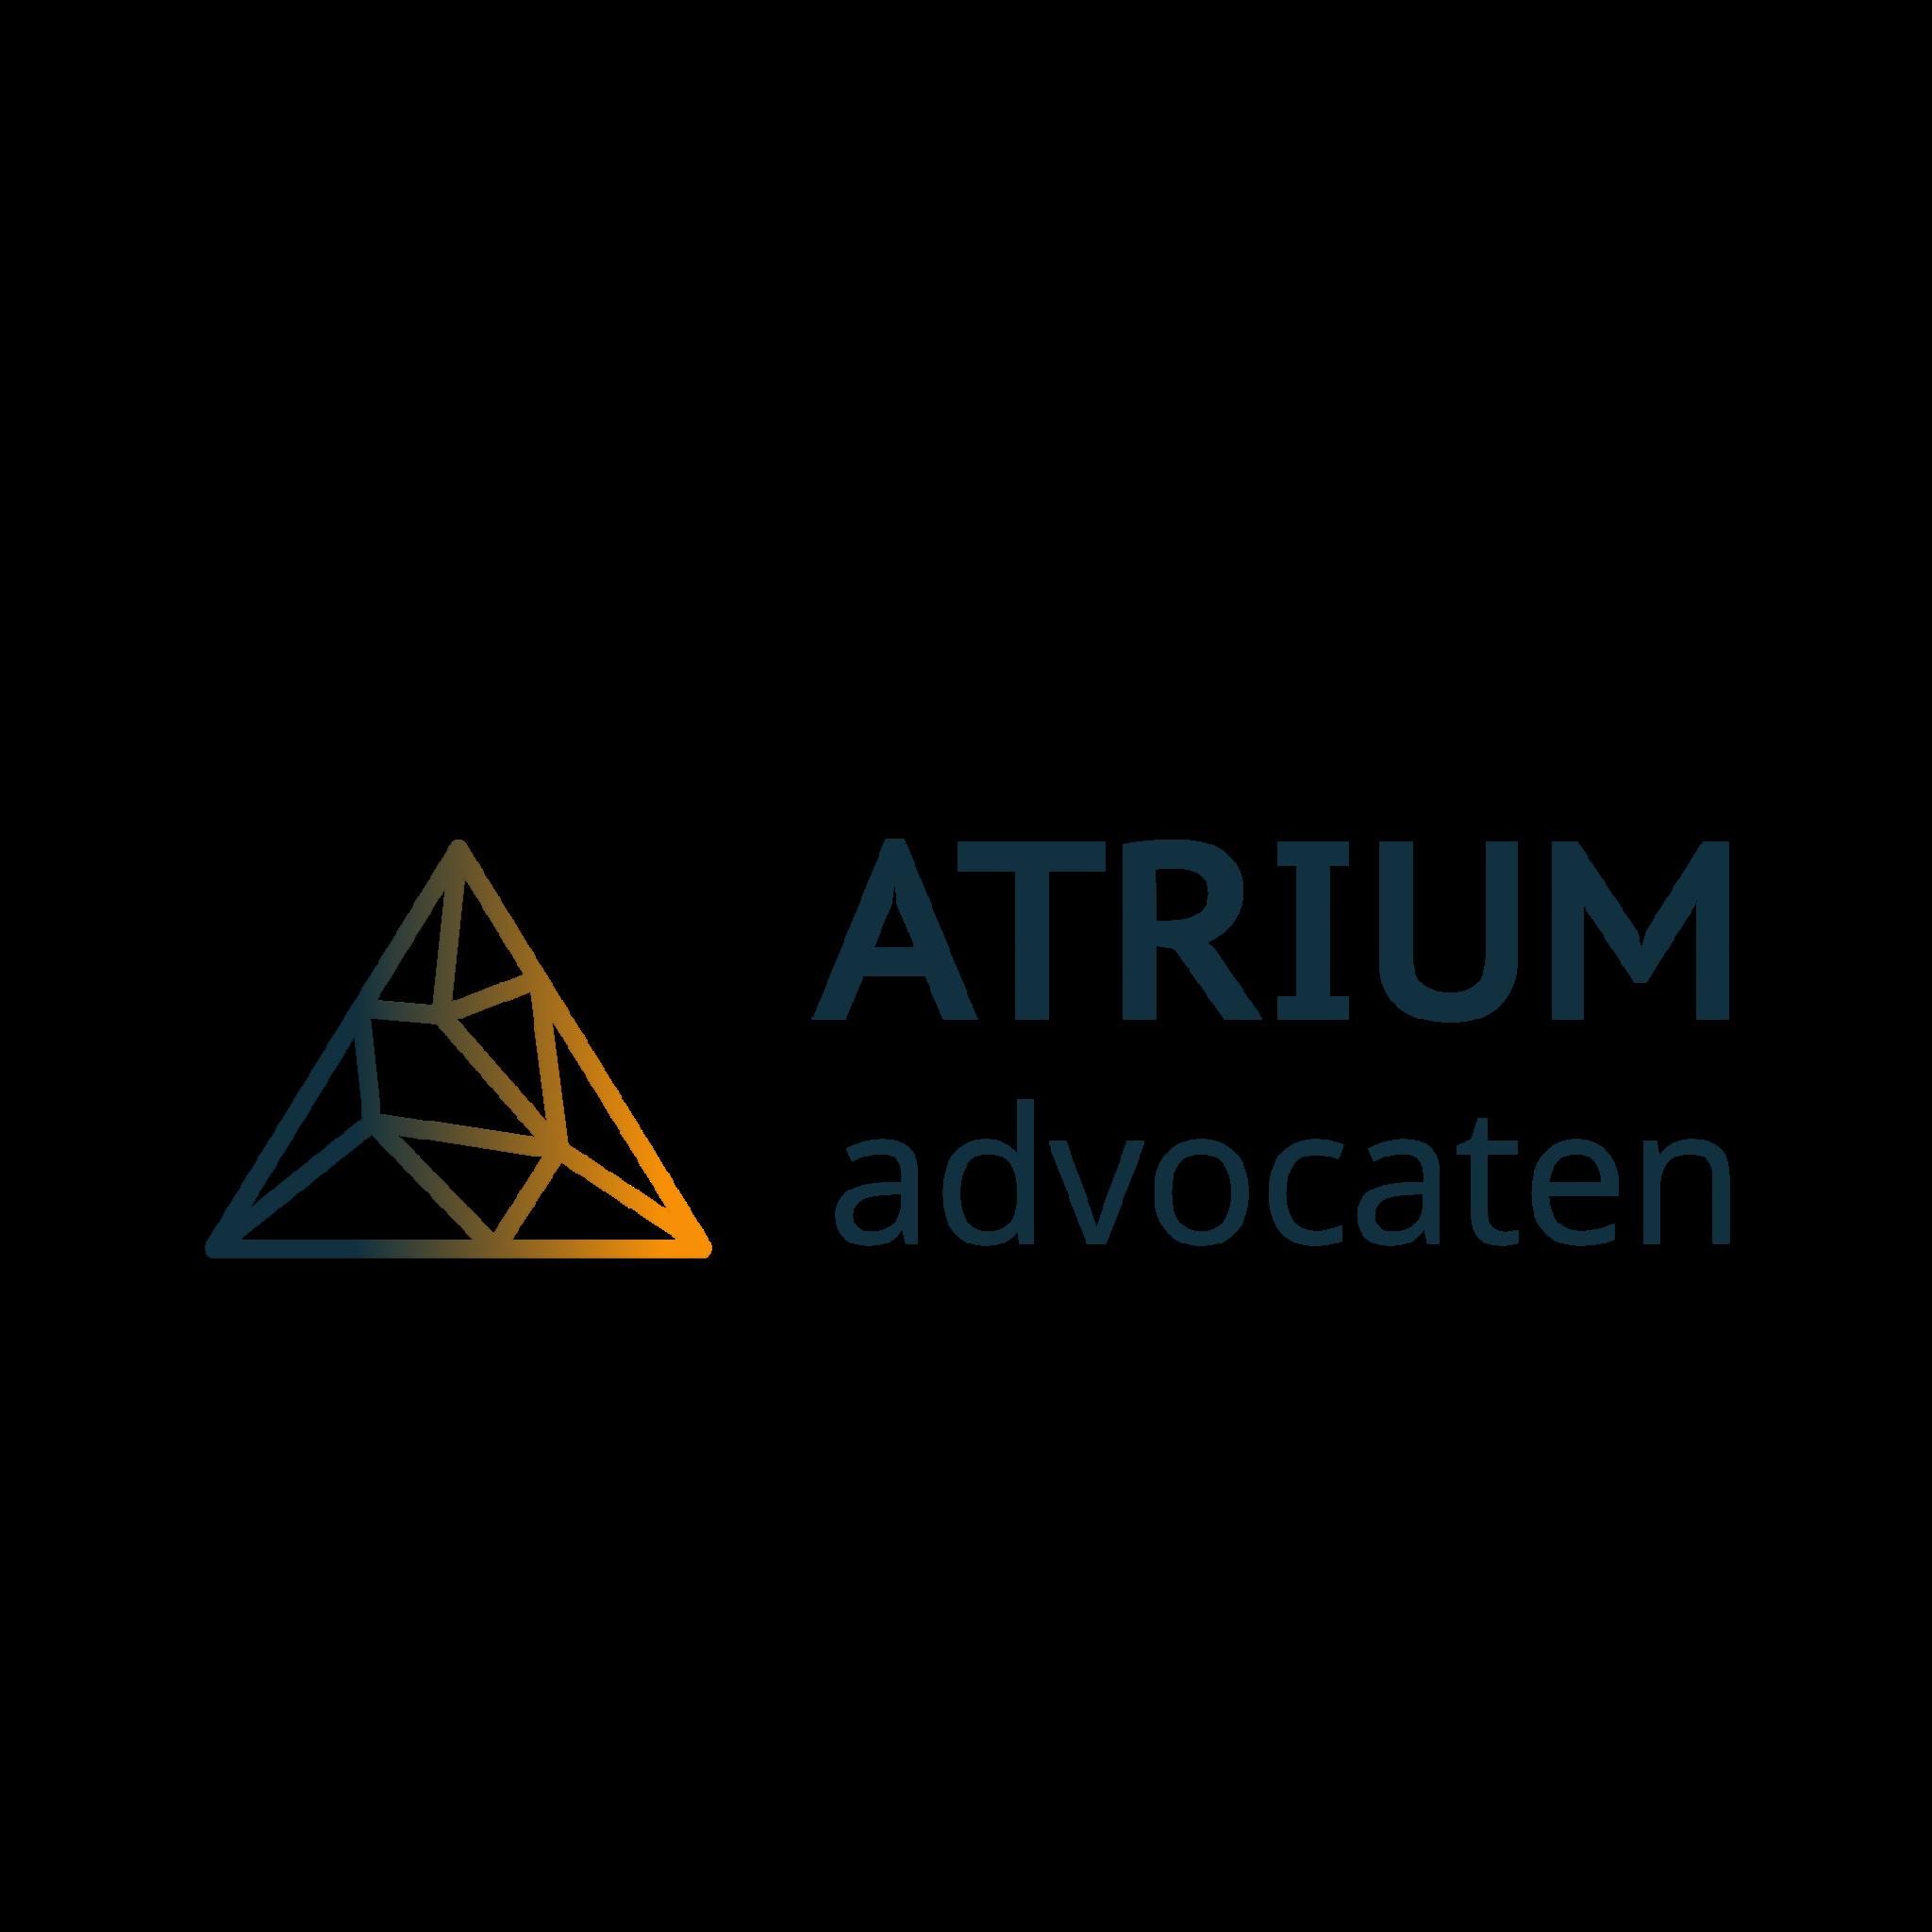 #Atrium Advocaten